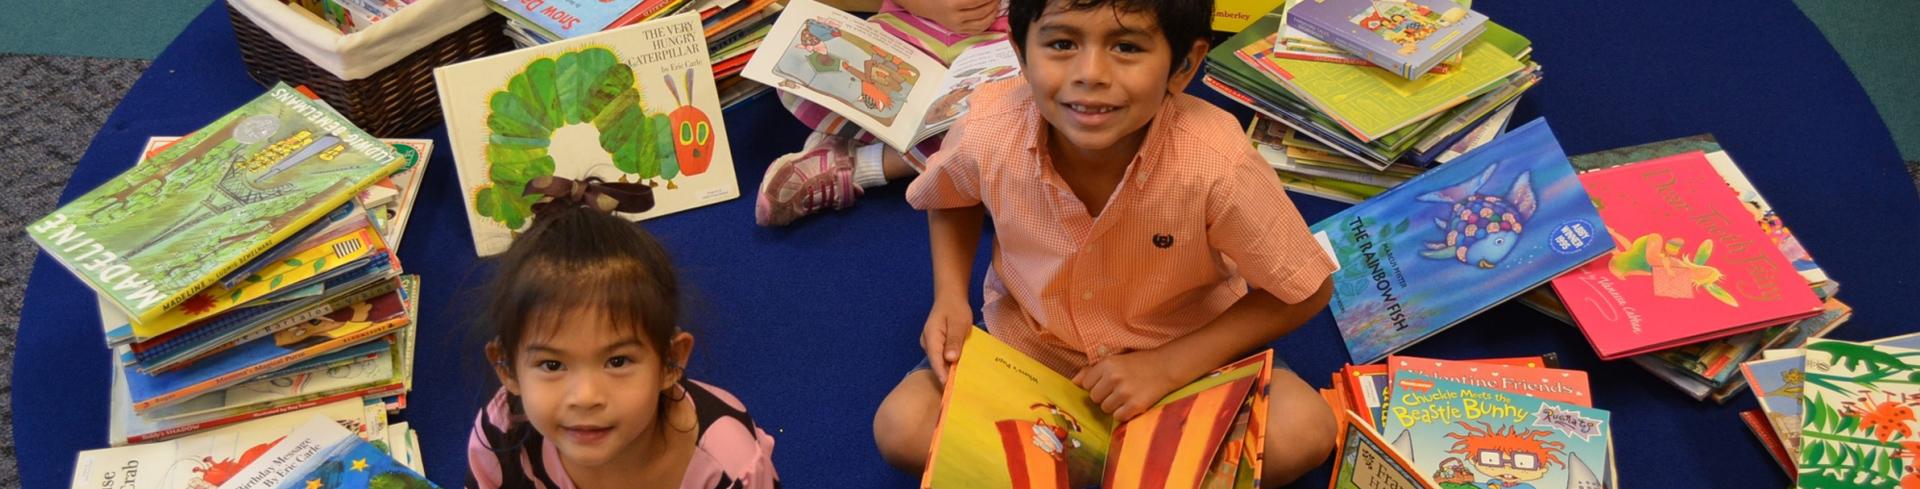 ¡Un niño y unas niñas pequeños revisan una pila de libros con grandes sonrisas!